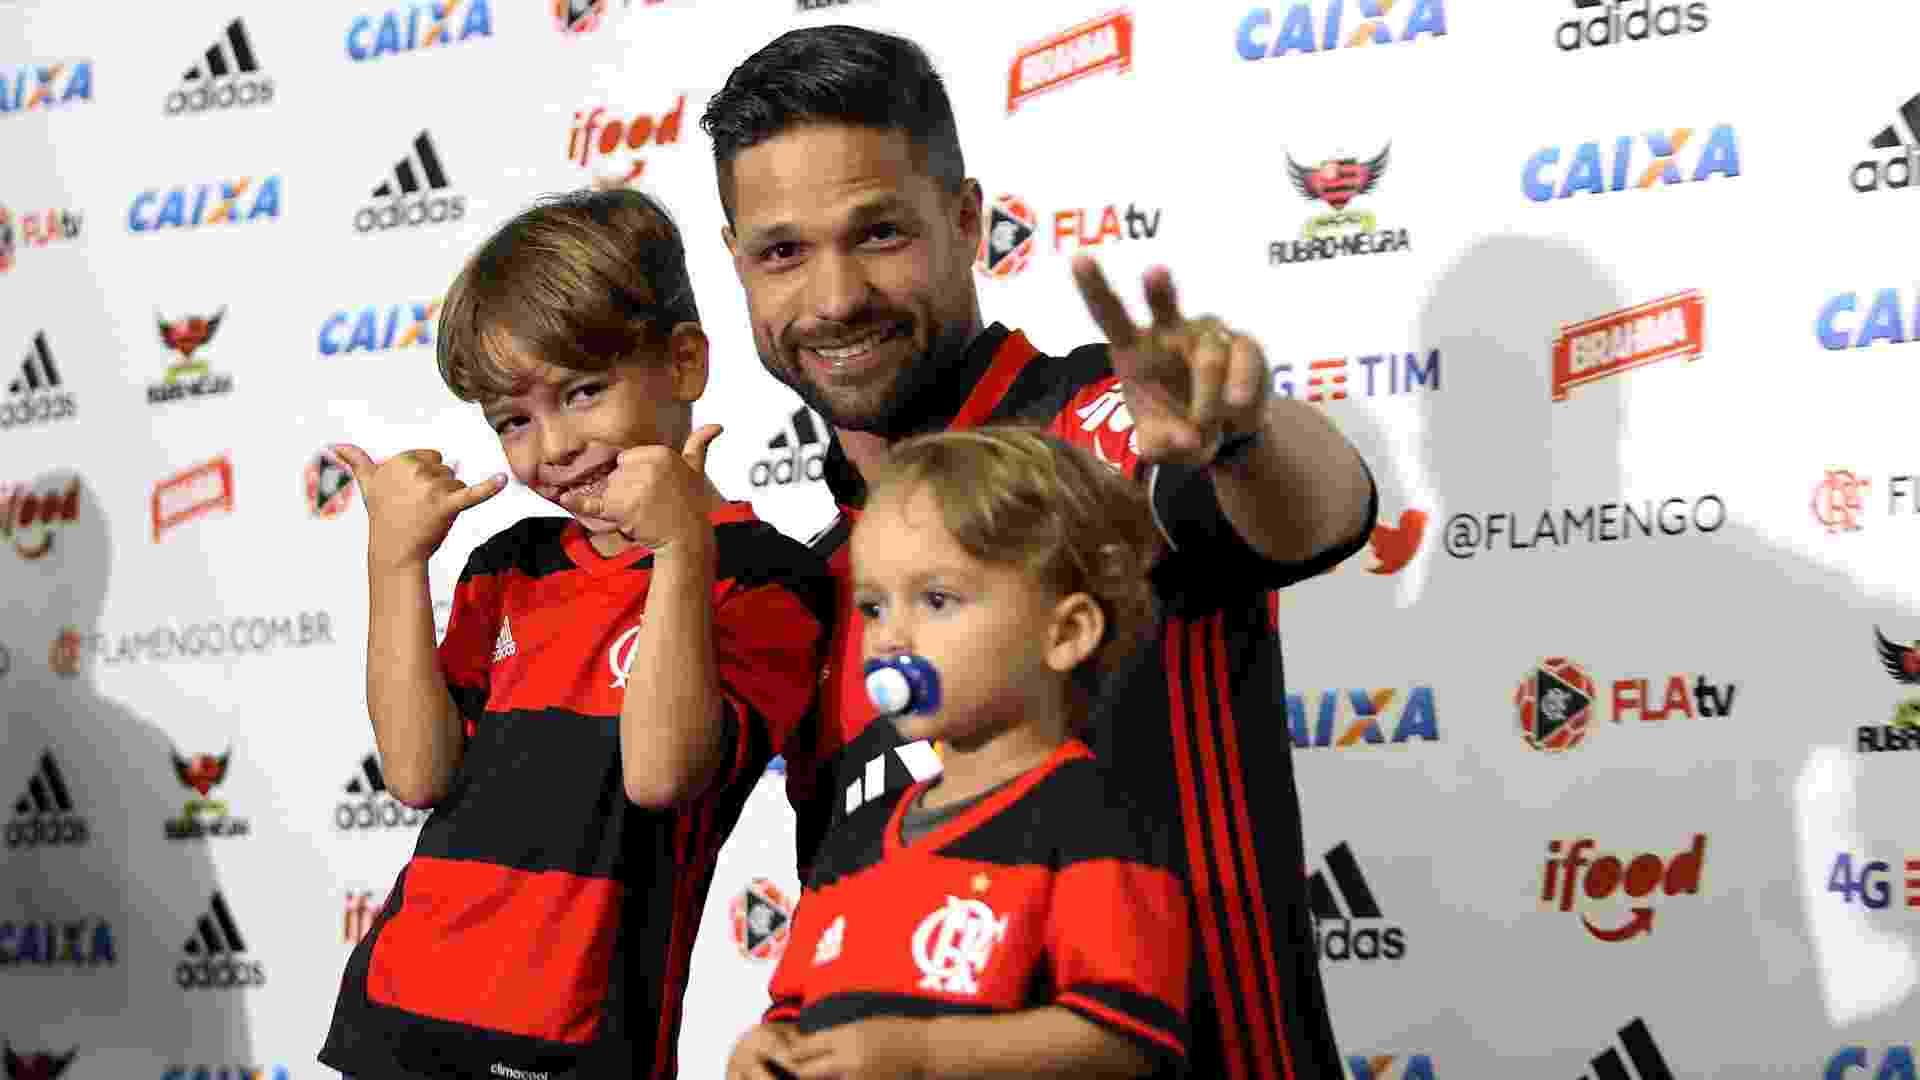 Após um dia de festa, Diego finalmente vestiu a camisa do Flamengo - Júlio César Guimarães/ UOL